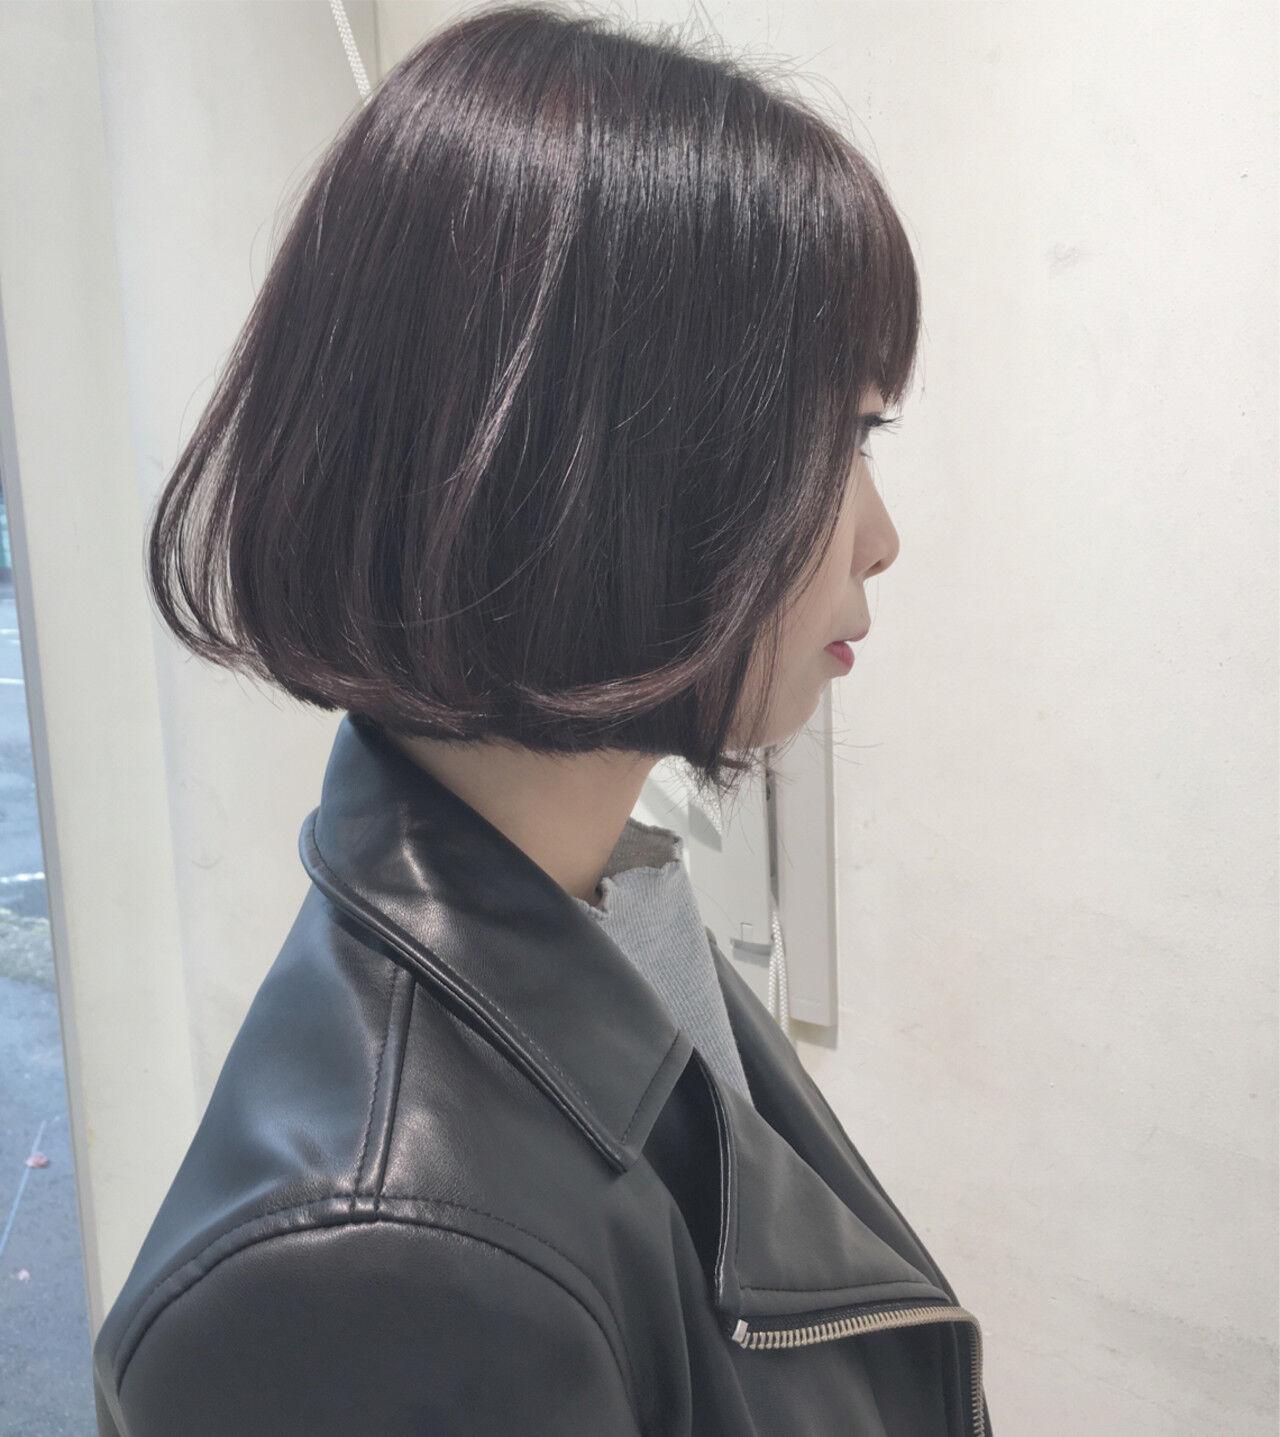 小顔 タンバルモリ ショートボブ ボブヘアスタイルや髪型の写真・画像